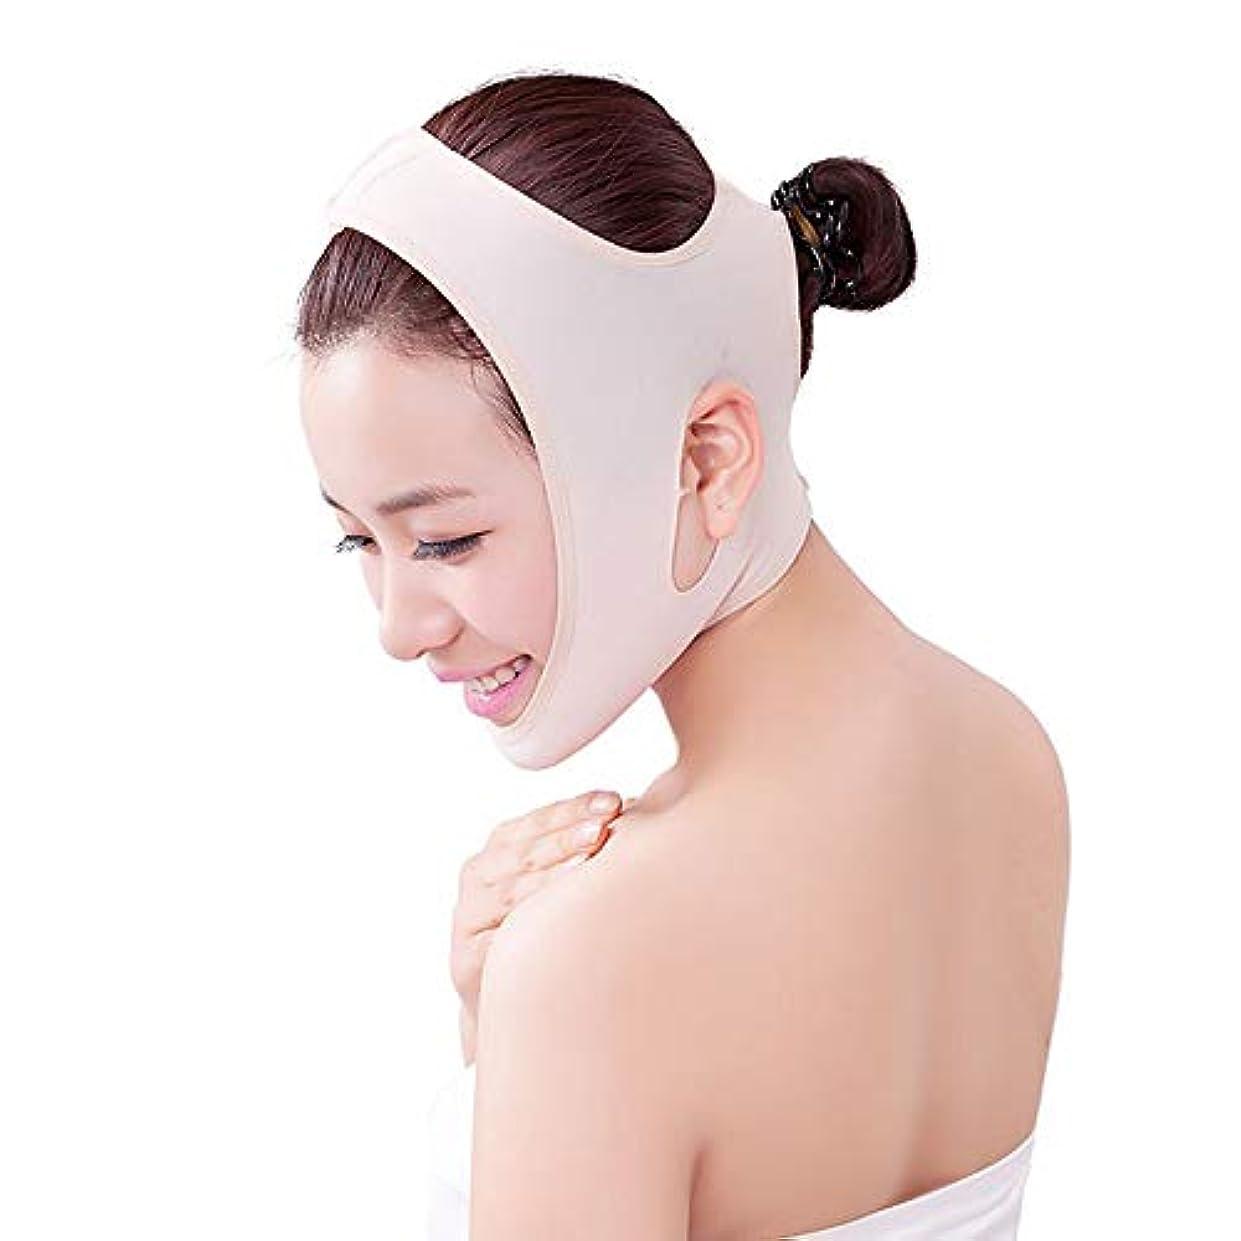 更新するひどい割る顔の持ち上がる痩身ベルト - アンチエイジングリンクルフェイスマスクベルトあなたの顔のためのすばらしい試し二重あごの試し (サイズ さいず : S s)